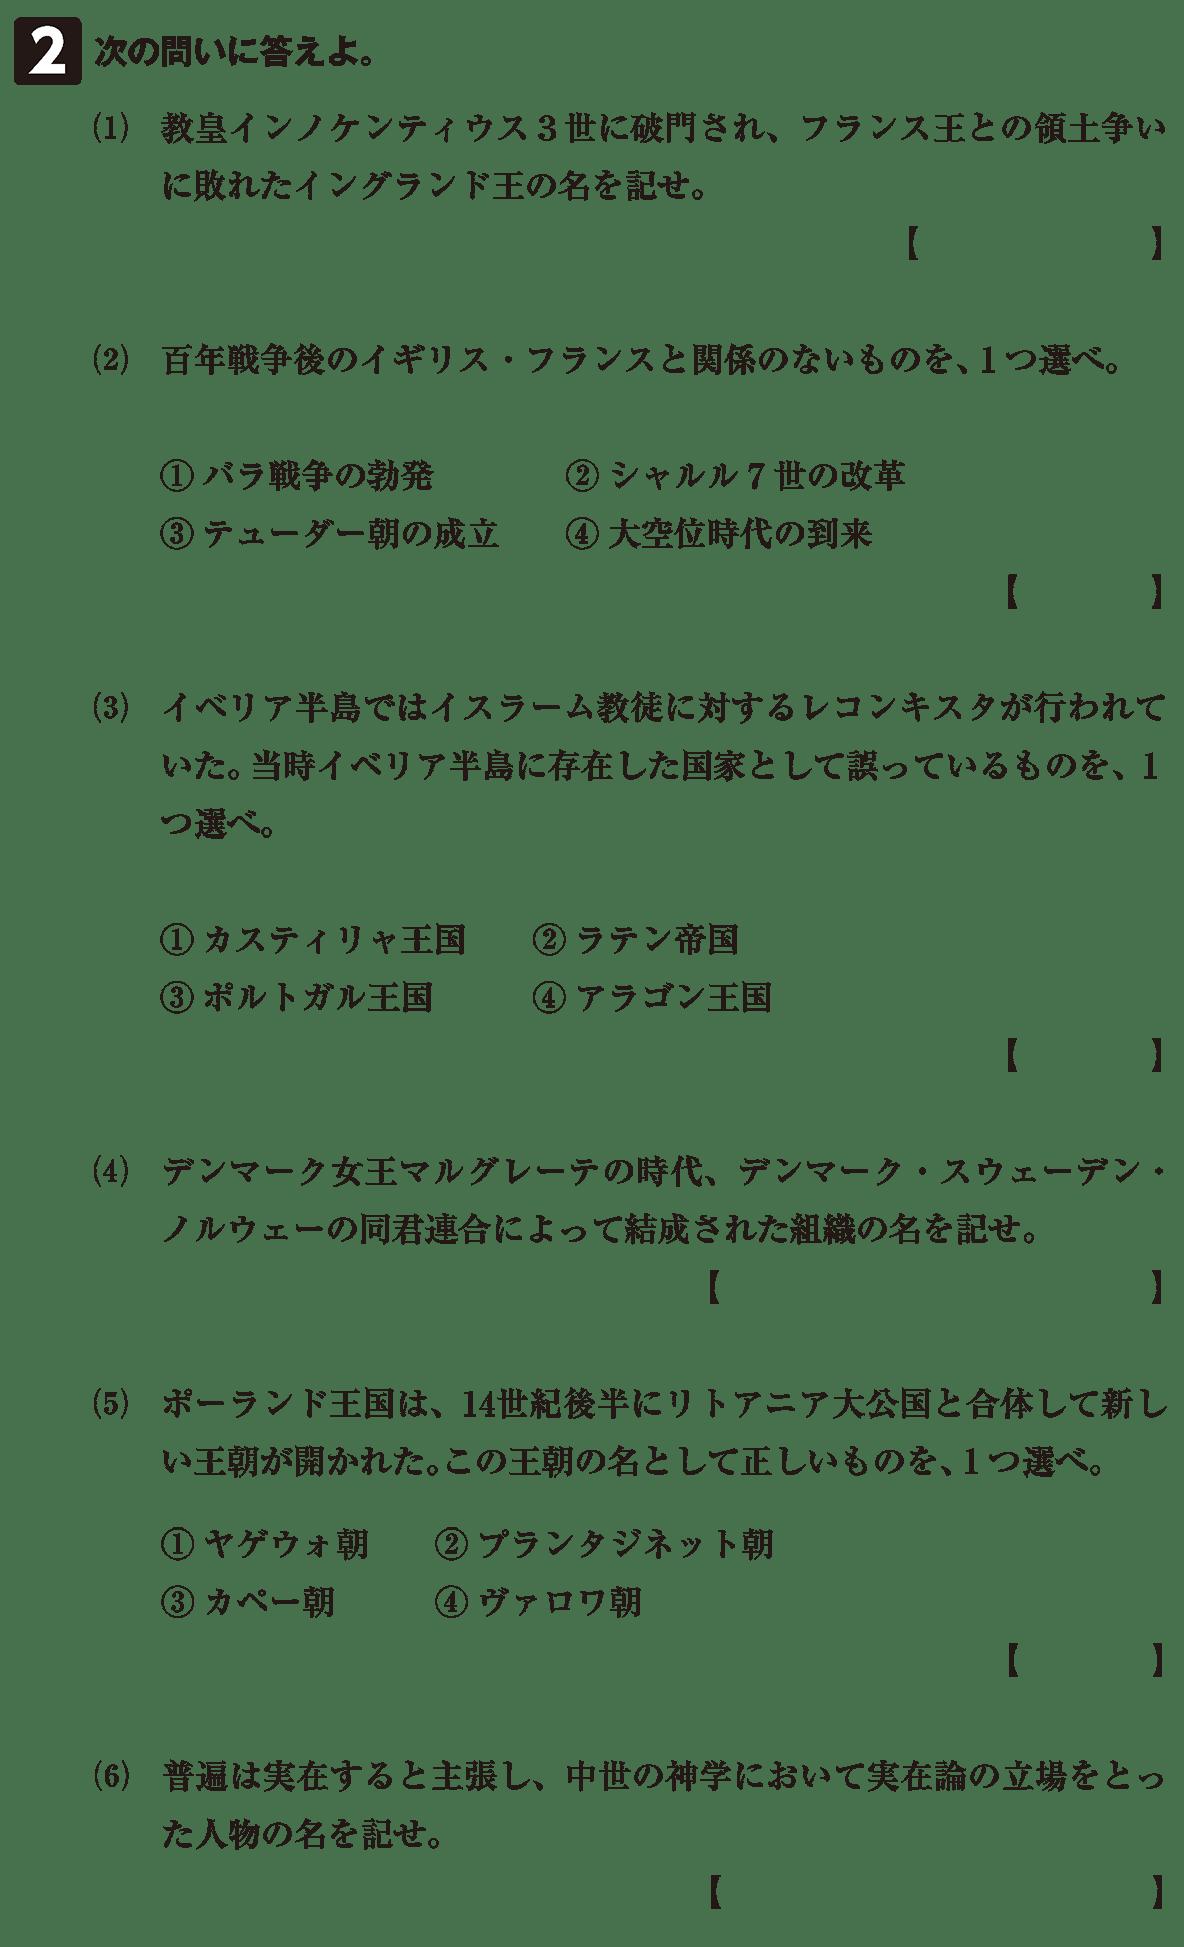 高校世界史 中世ヨーロッパ世界の各国史8 確認テスト(後半)問題2